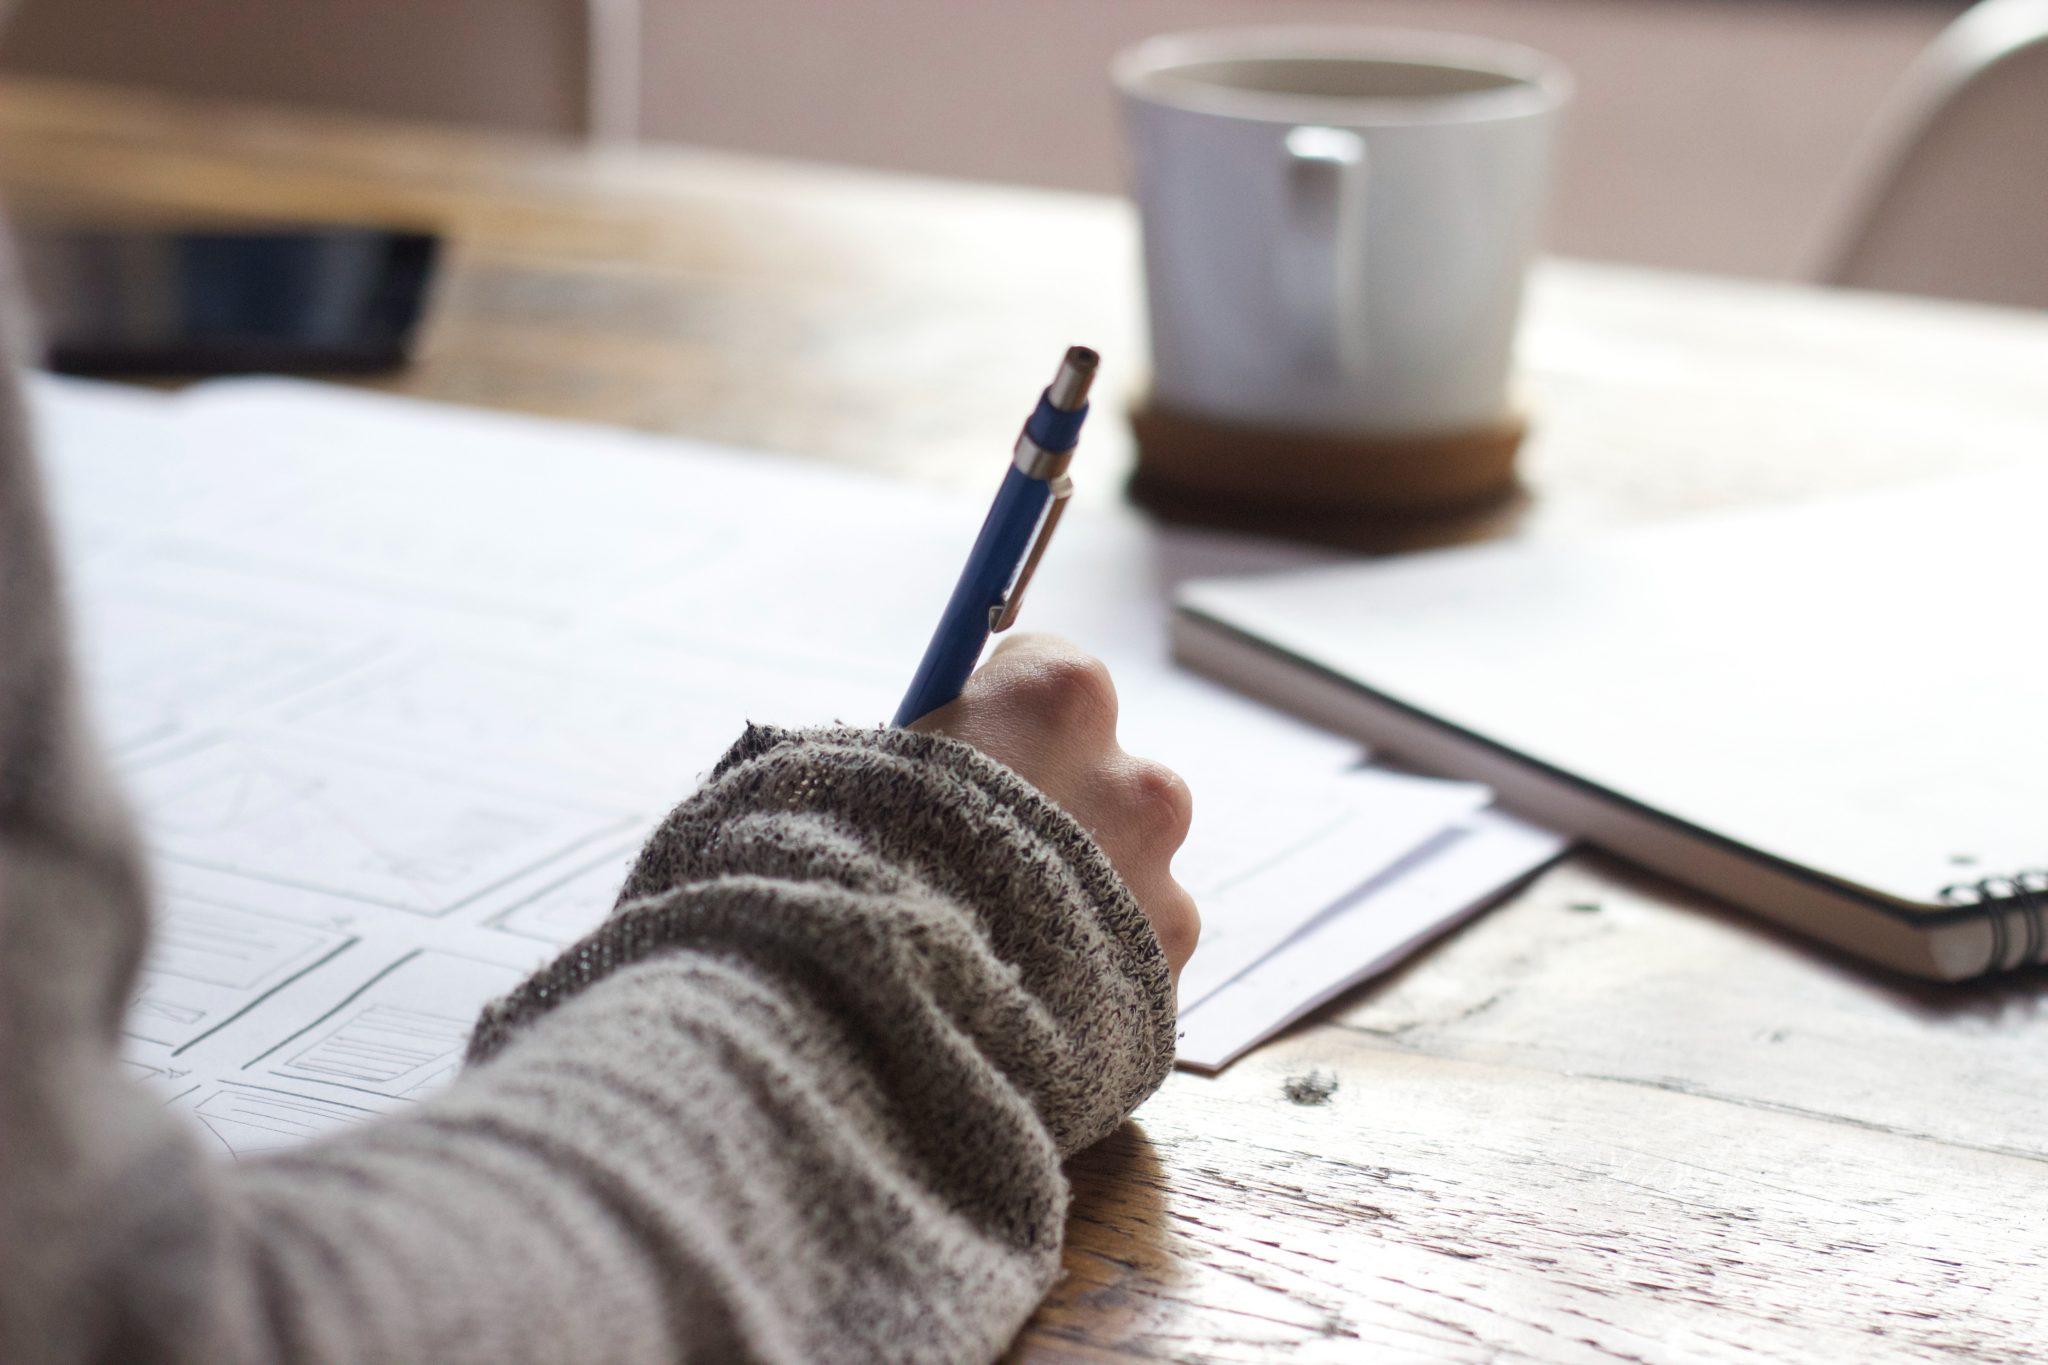 Optymalizacja tekstu, czyli jak pisać teksty optymalne dla czytelników?